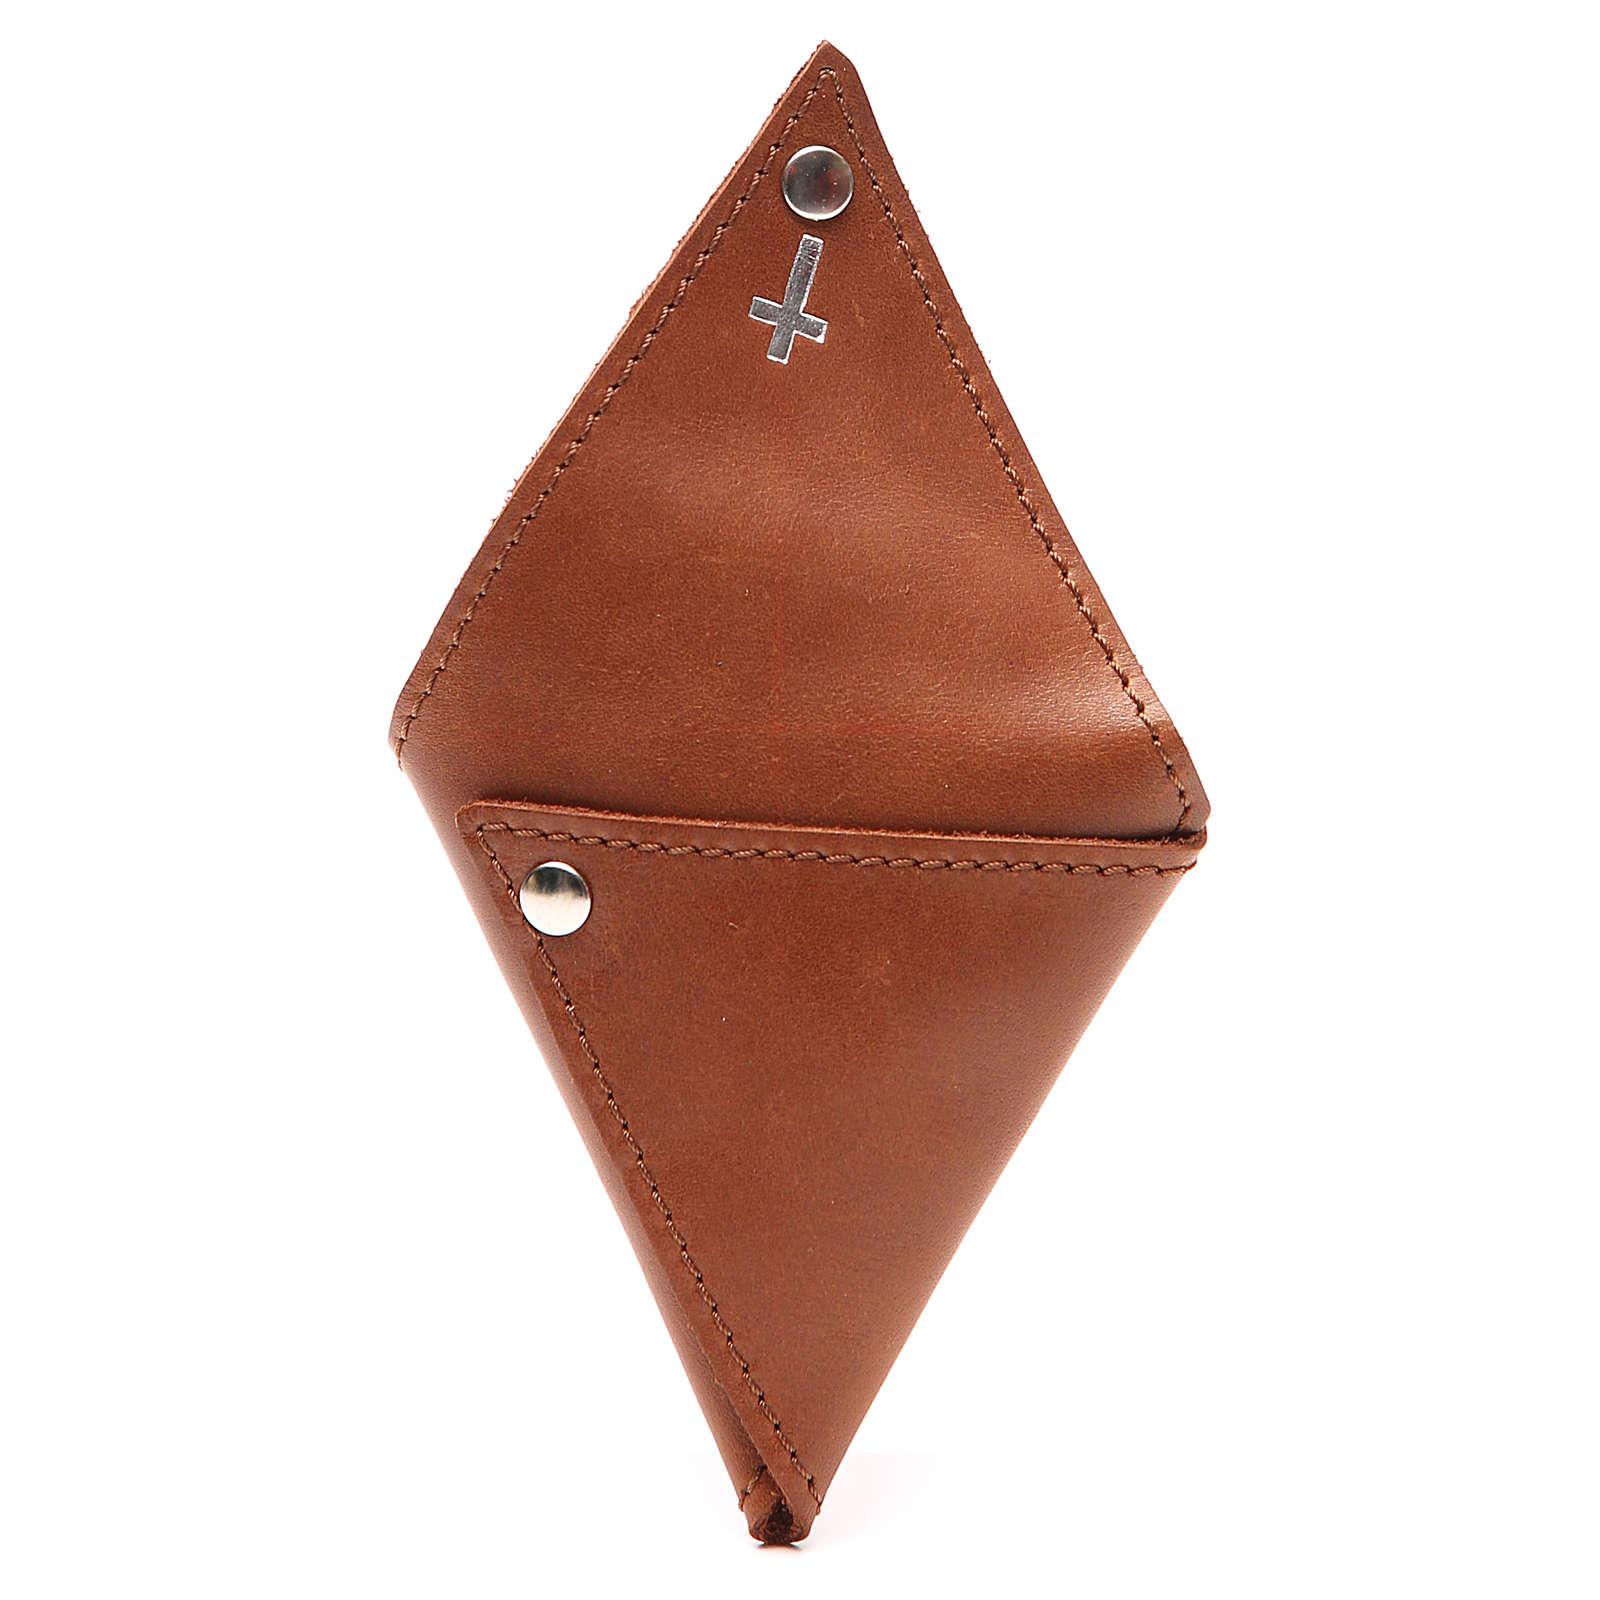 Estojo terço triângulo couro castanho cruz 4